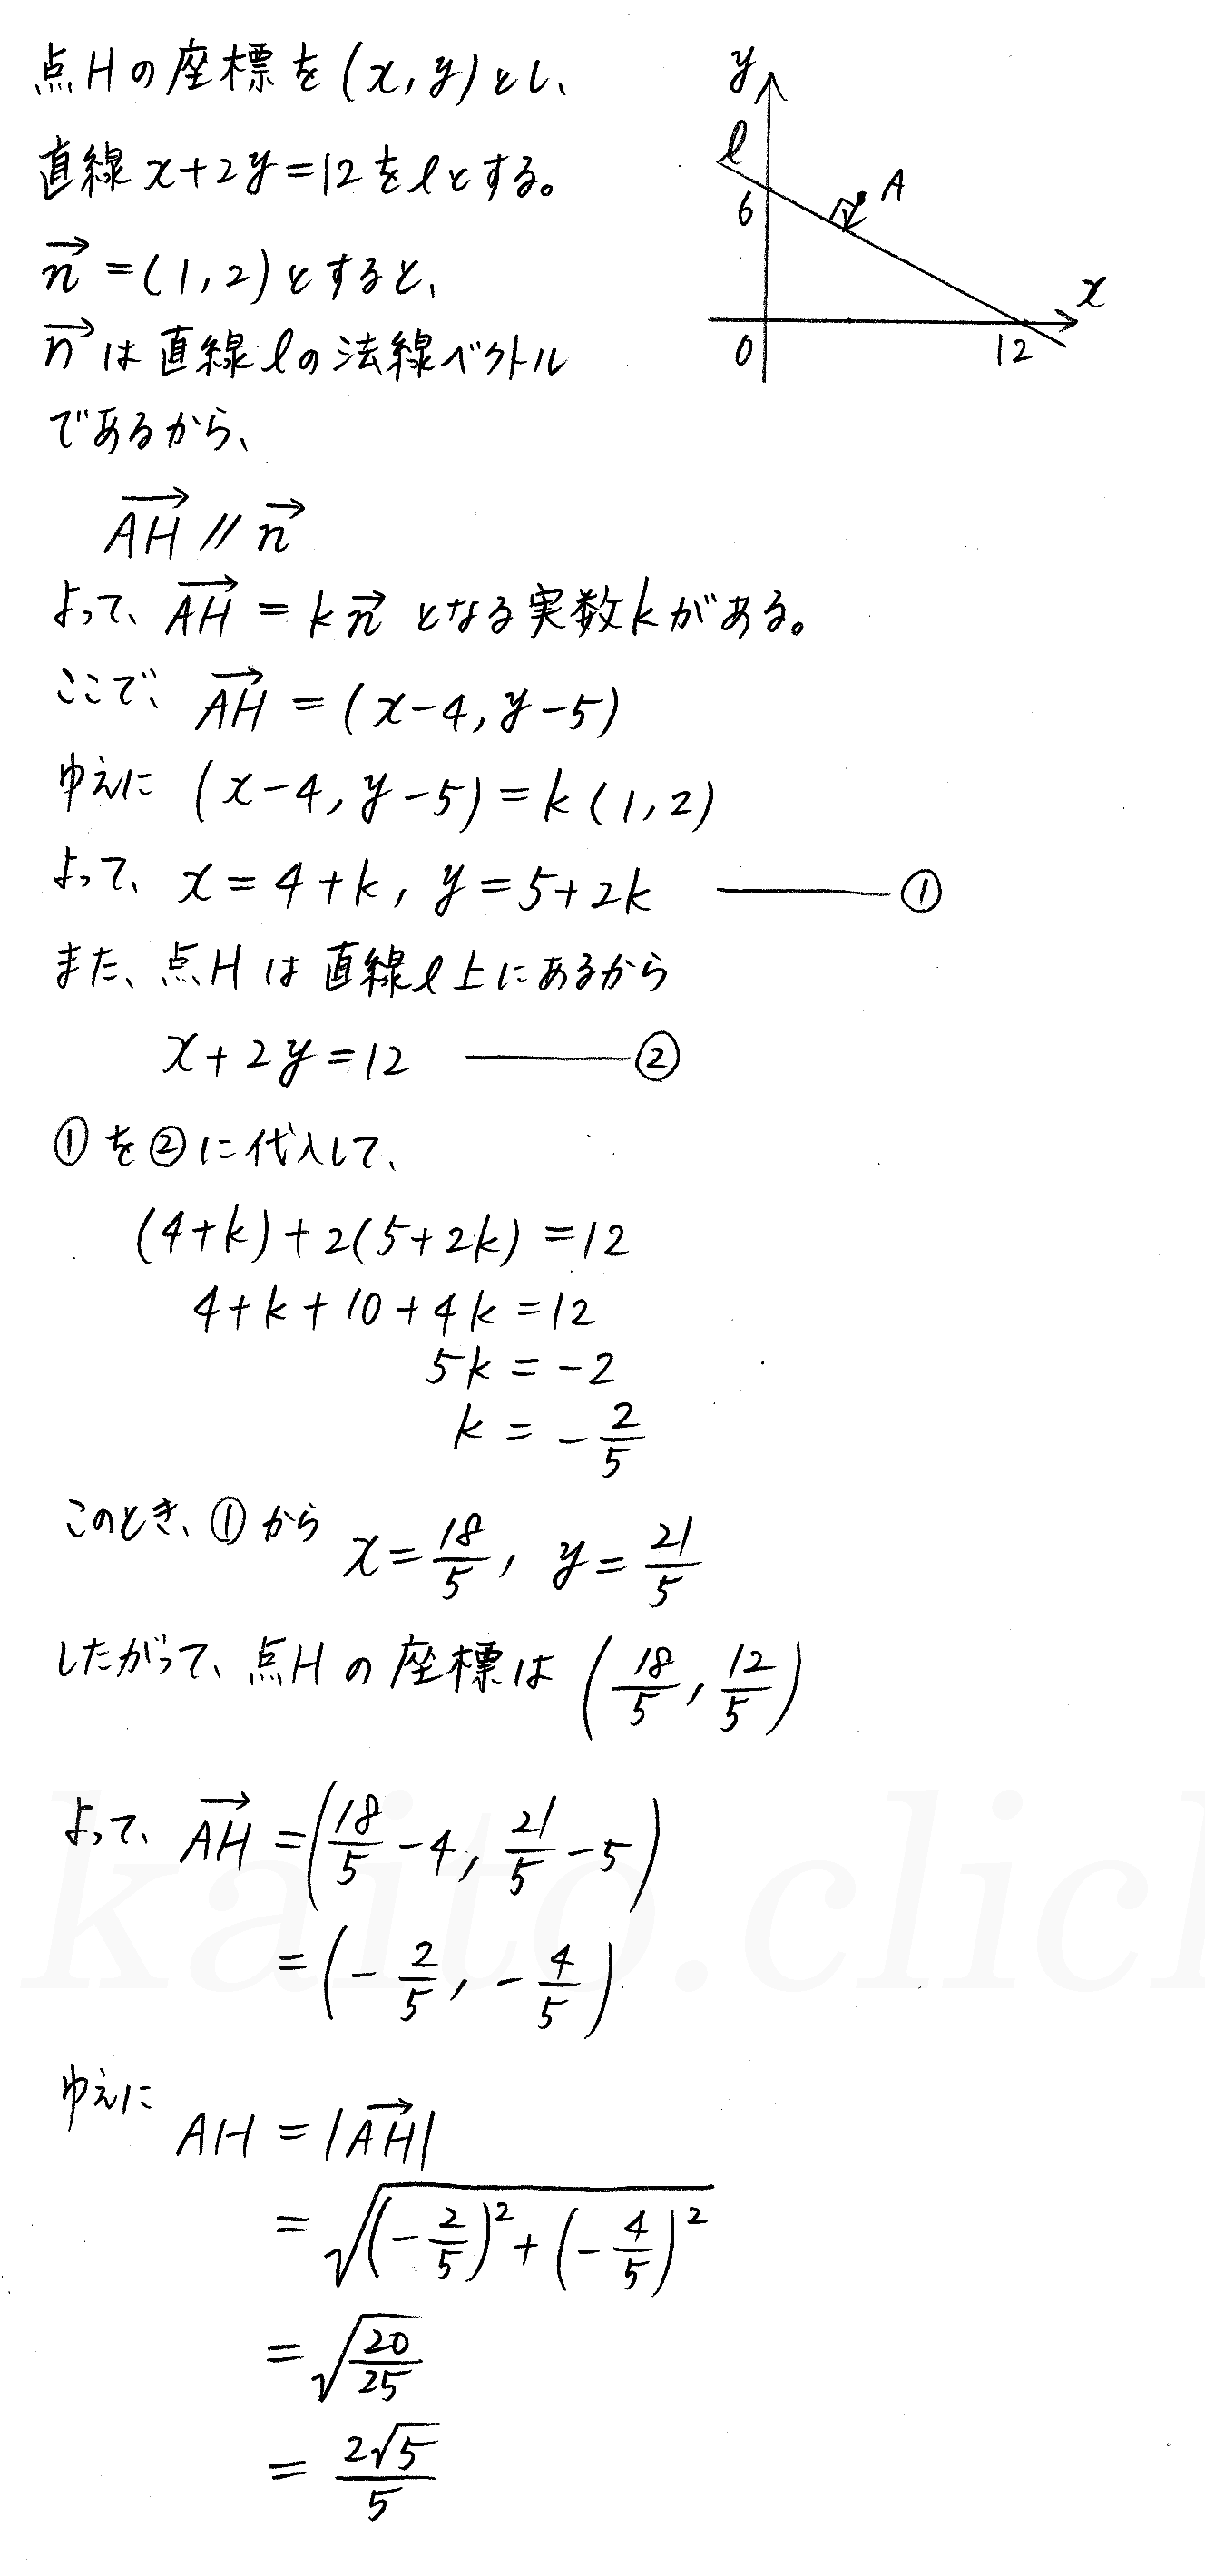 クリアー数学B-66解答